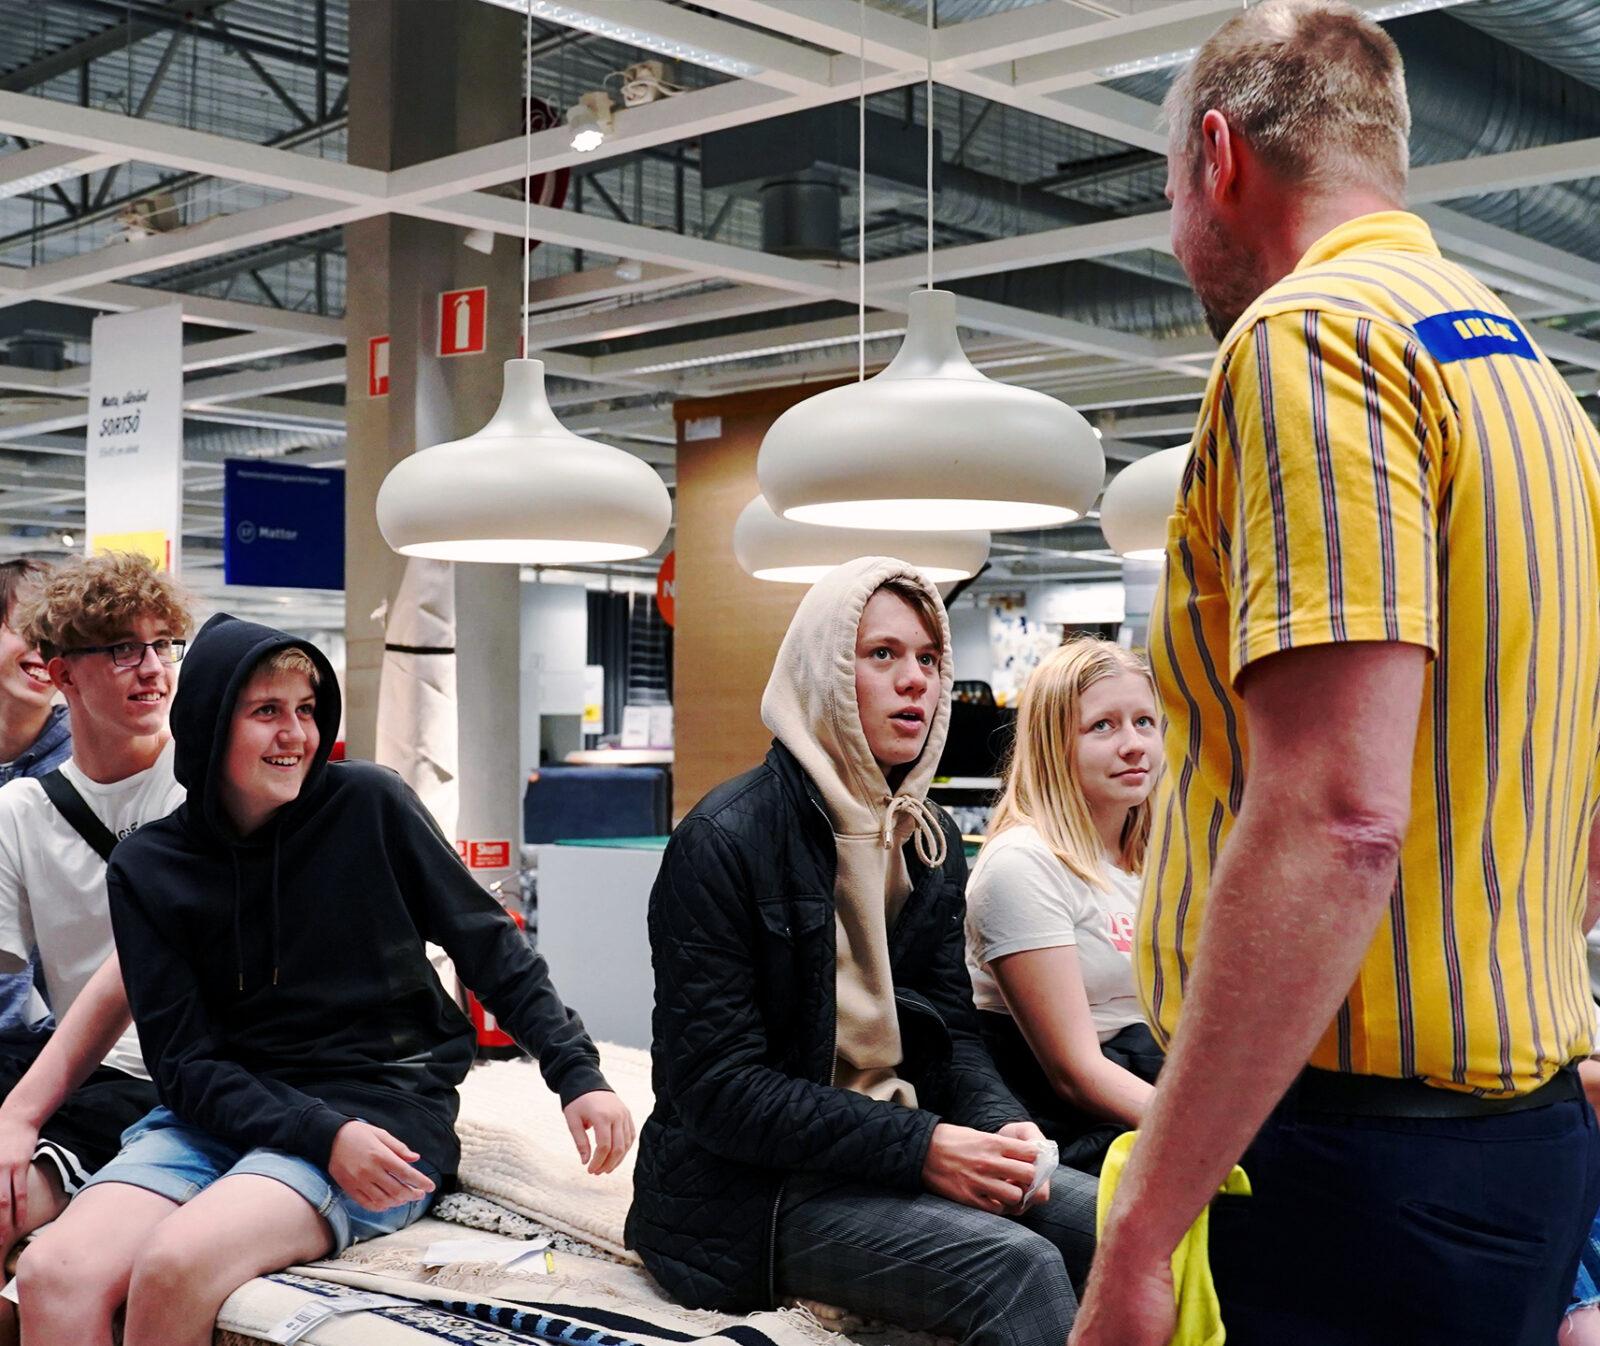 skolprogram, högstadiet, IKEA, samarbete, skola